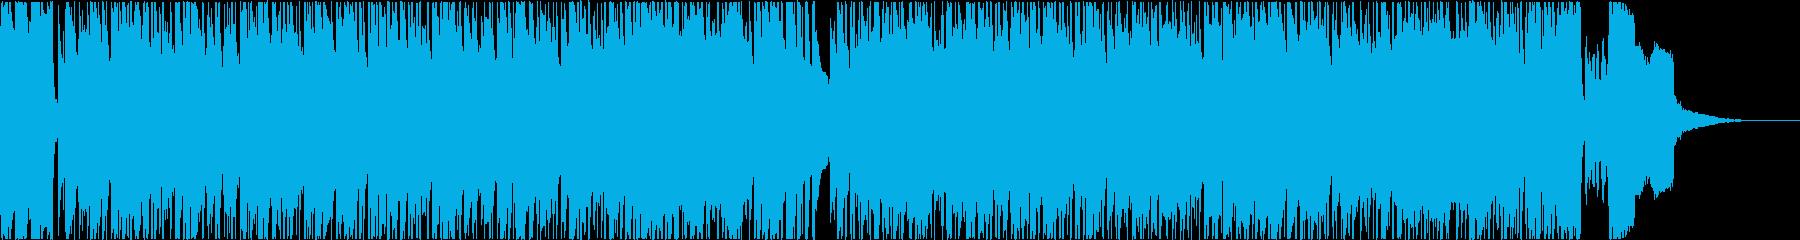 ほのぼのしたアコースティックポップスの再生済みの波形